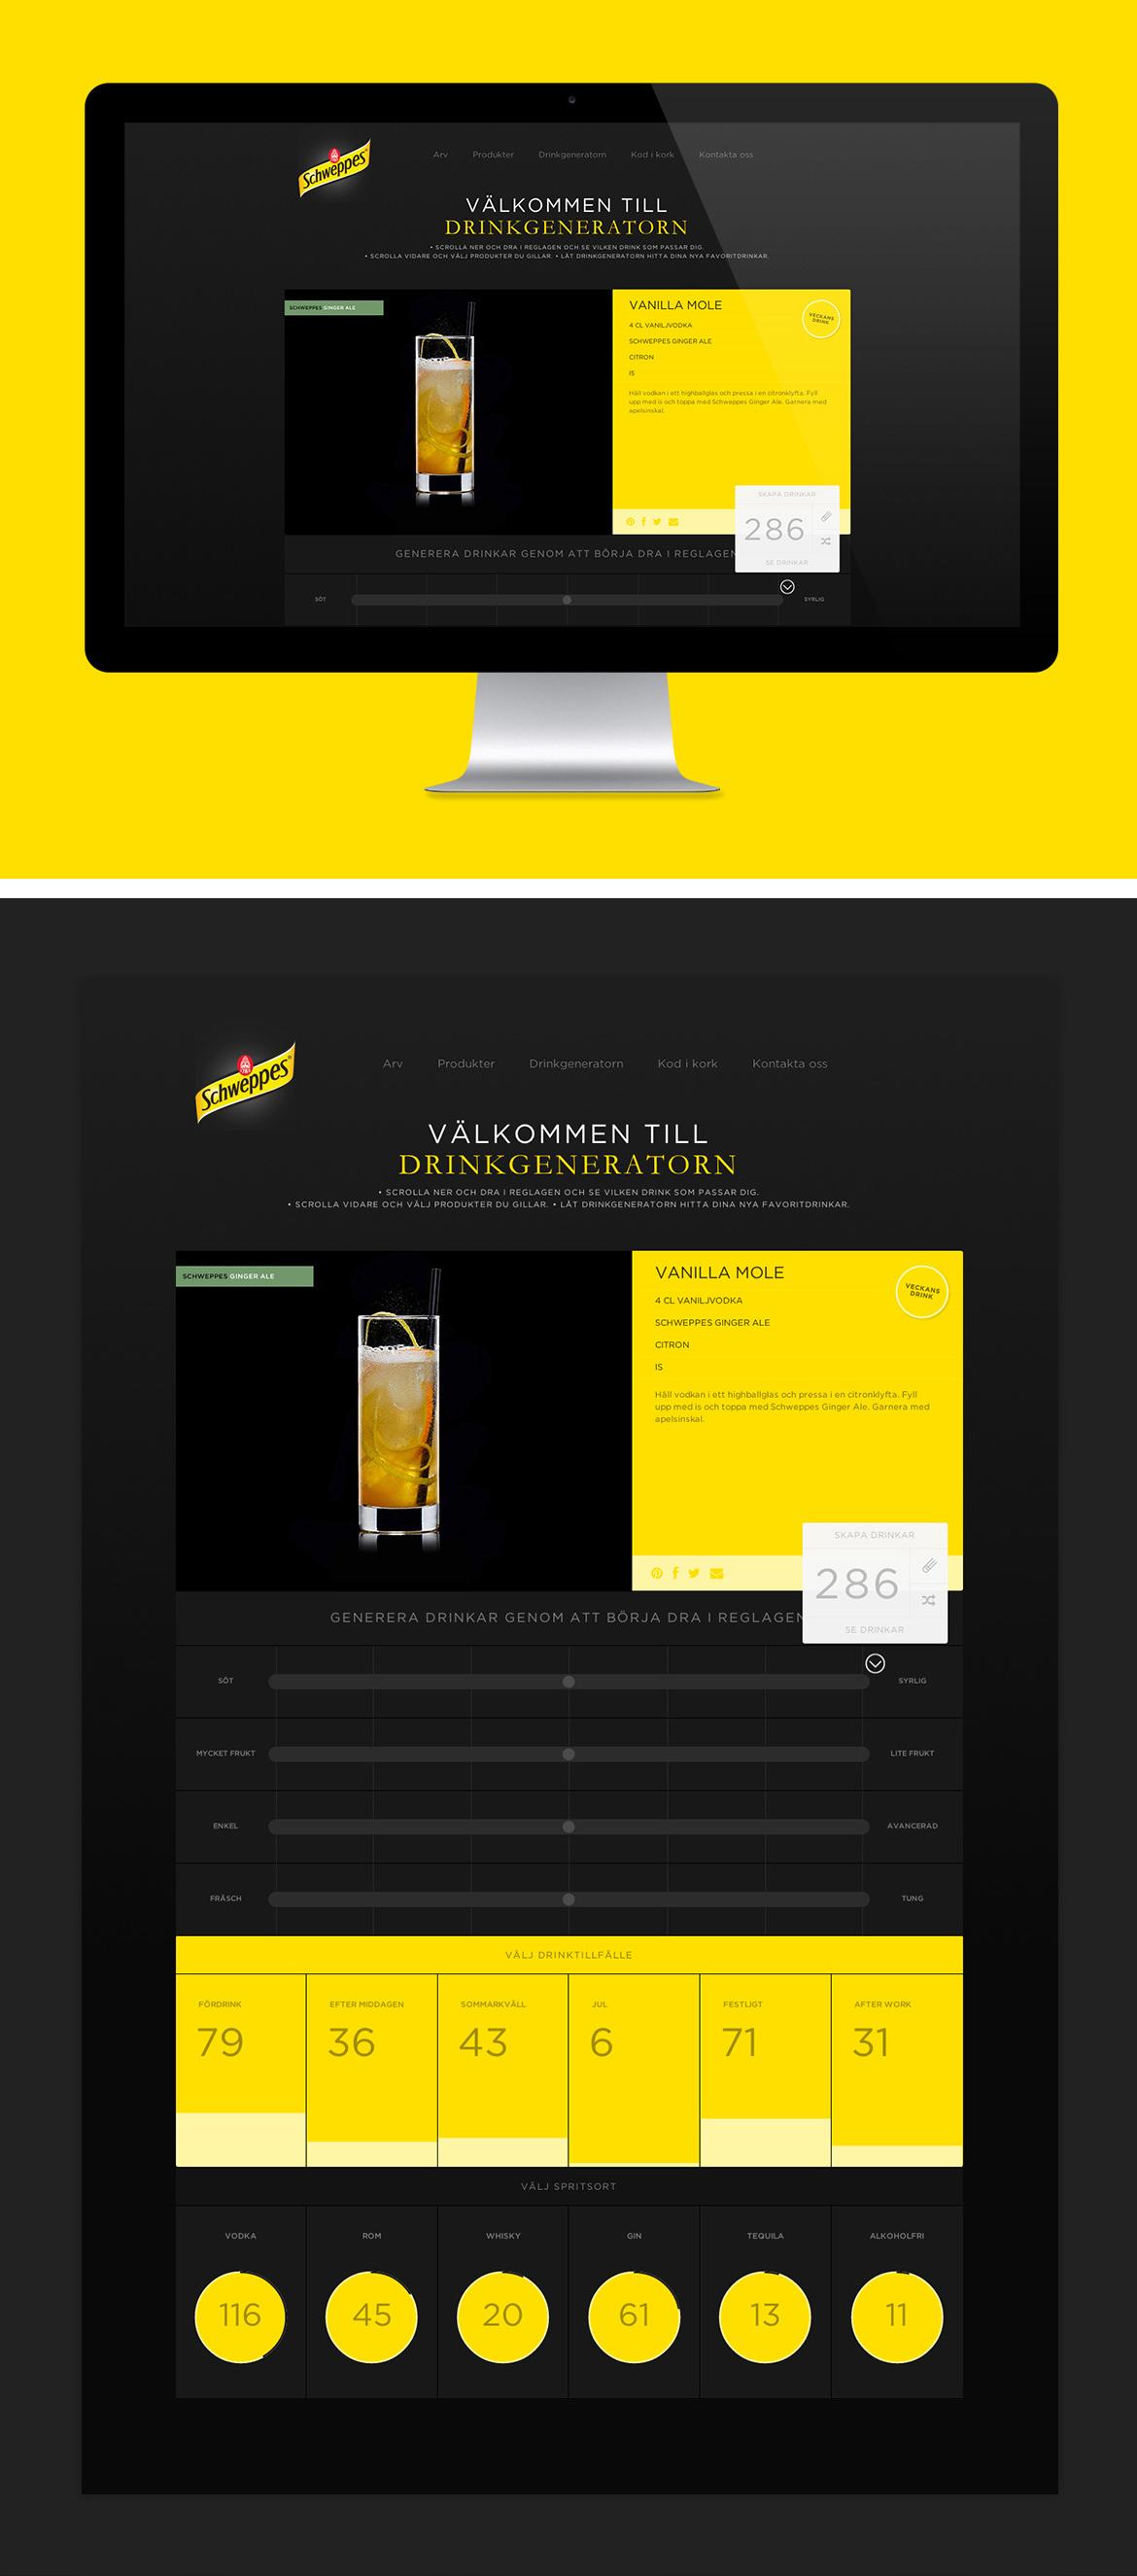 sophie-dennerby-schweppes-retusch-webbdesign